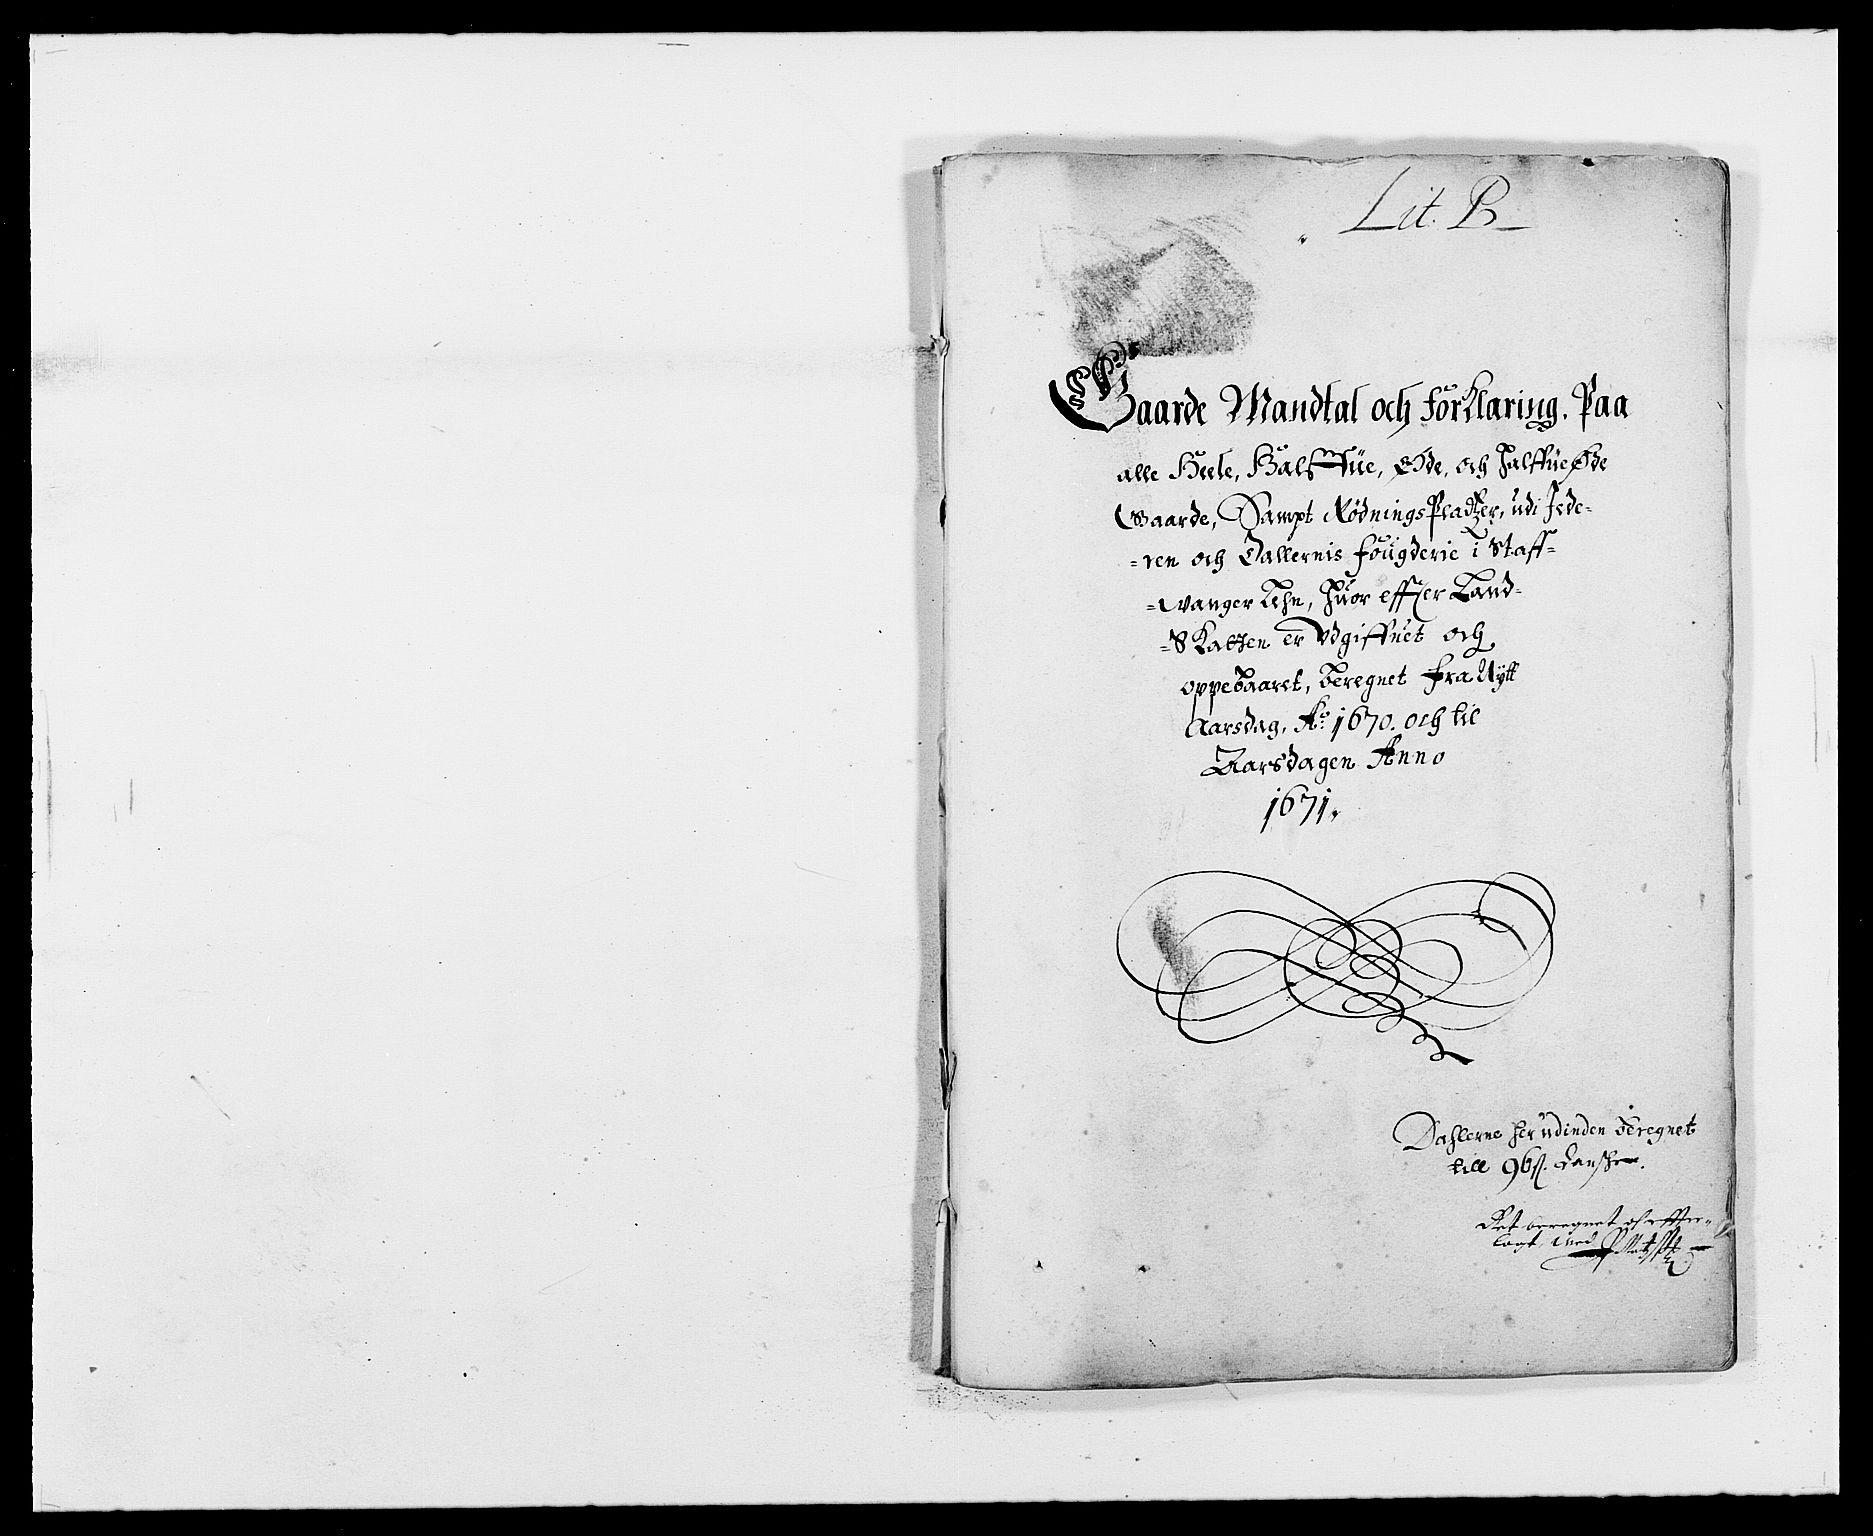 RA, Rentekammeret inntil 1814, Reviderte regnskaper, Fogderegnskap, R46/L2712: Fogderegnskap Jæren og Dalane, 1670-1671, s. 8